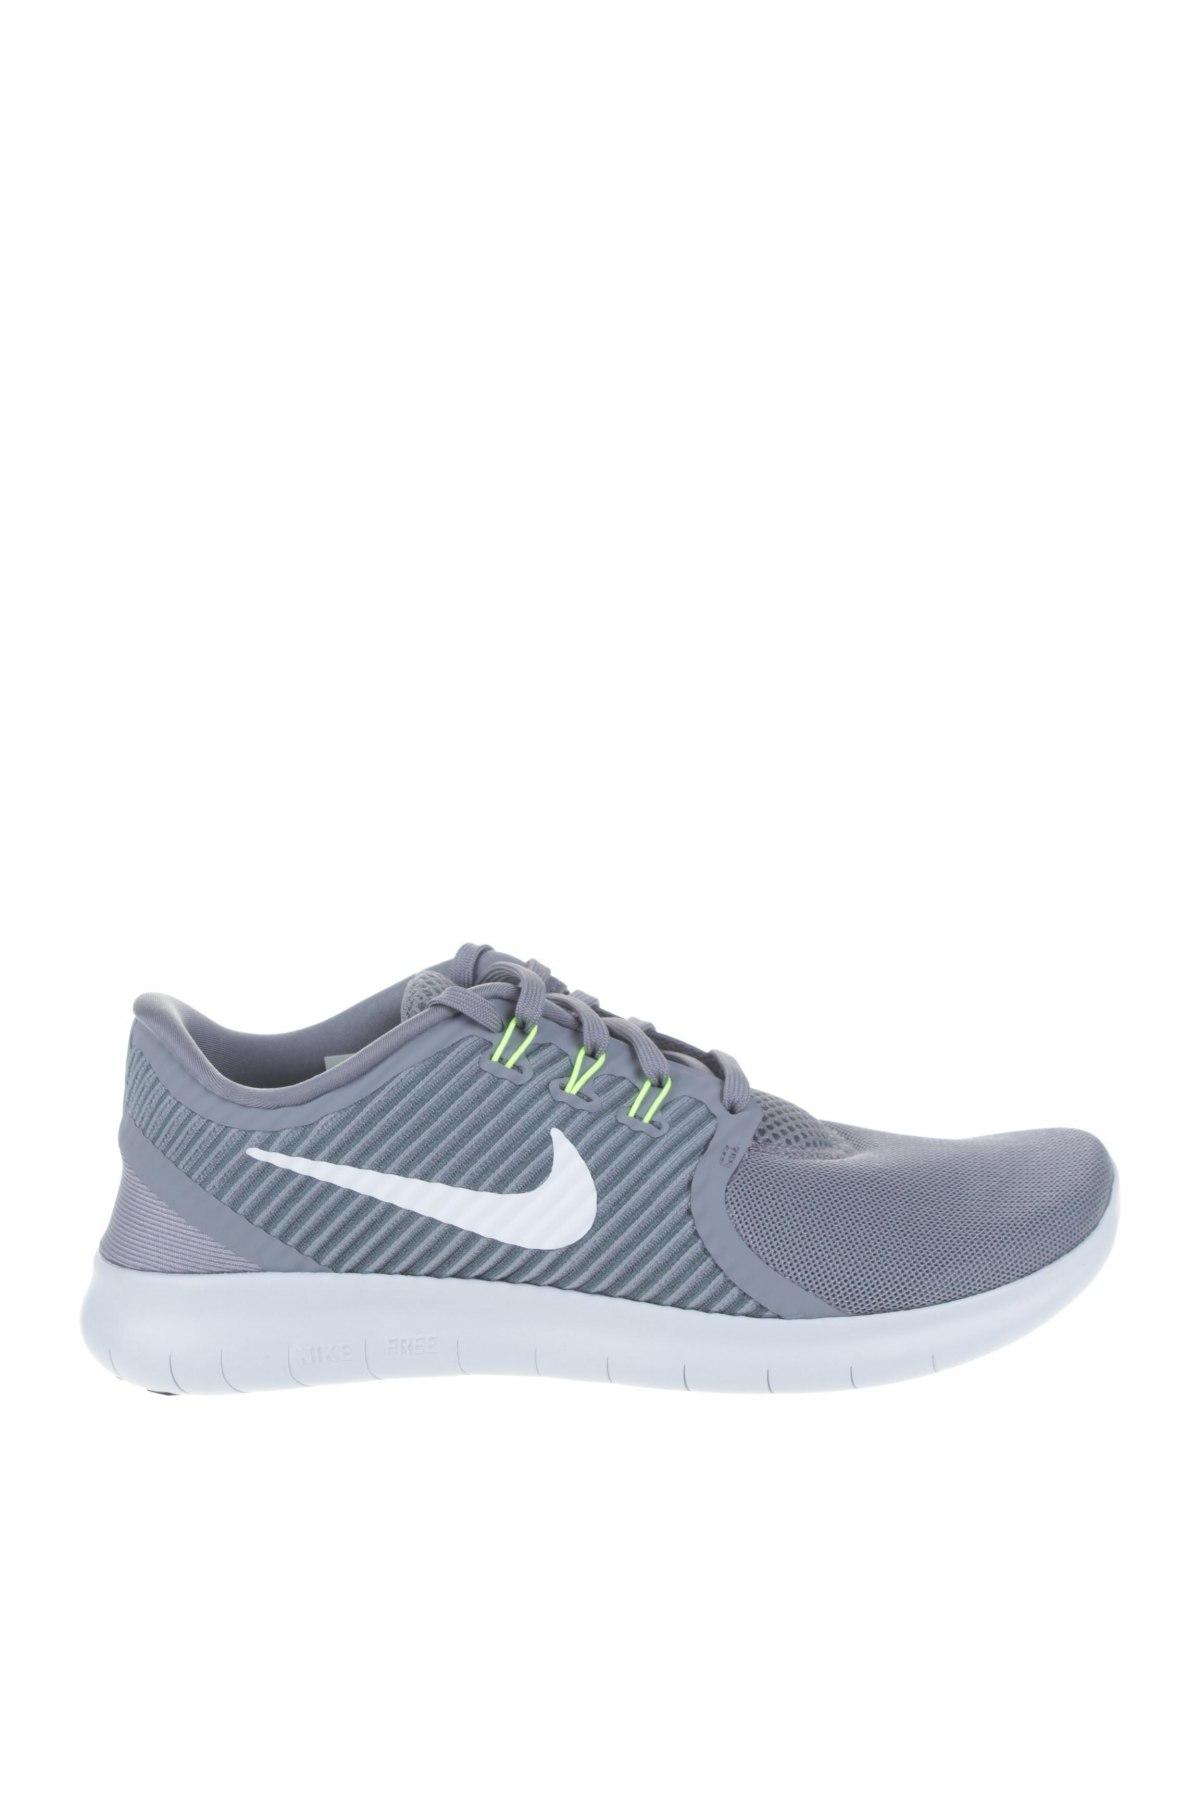 Női Cipők Running Nike Remixben8534335 Áron Kedvező CedxBo